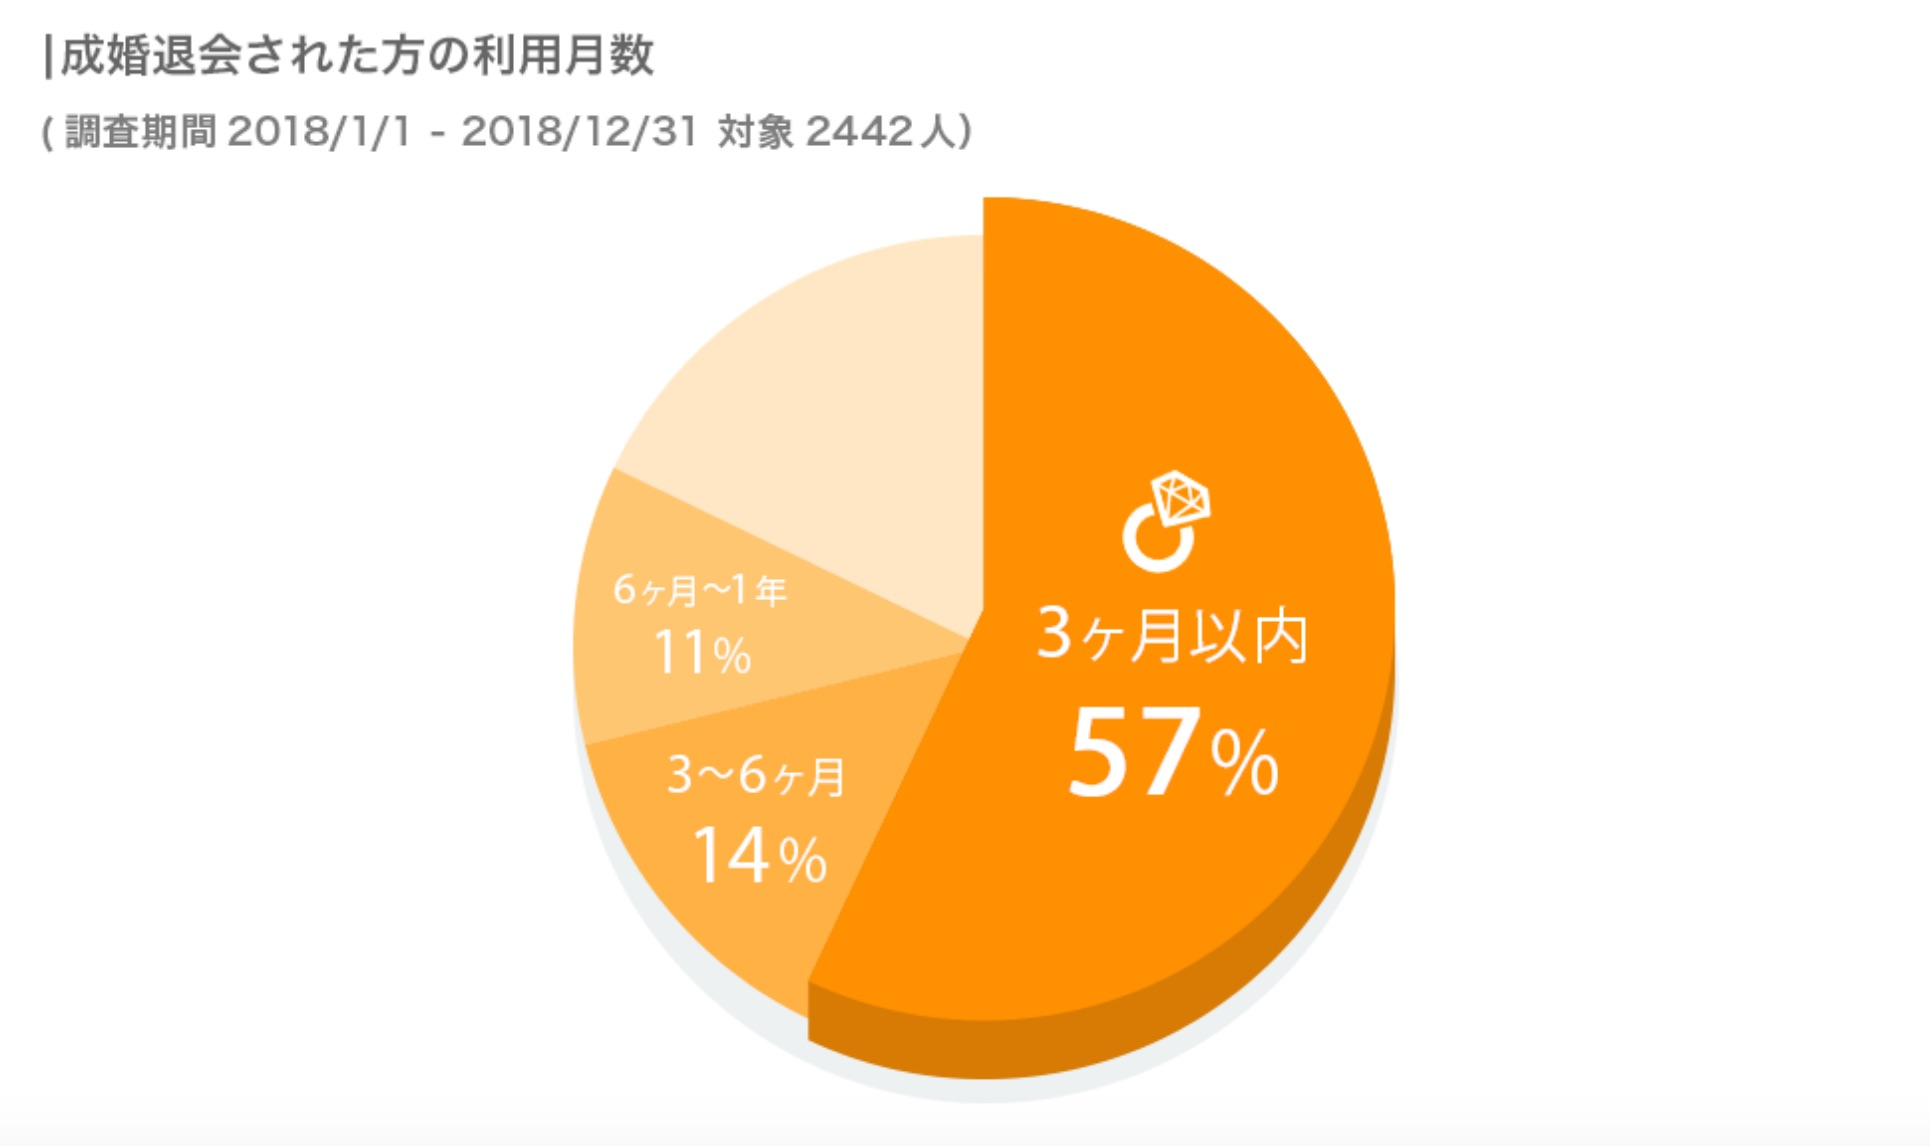 youbrideを成婚退会した会員のサービス利用月数の円グラフ